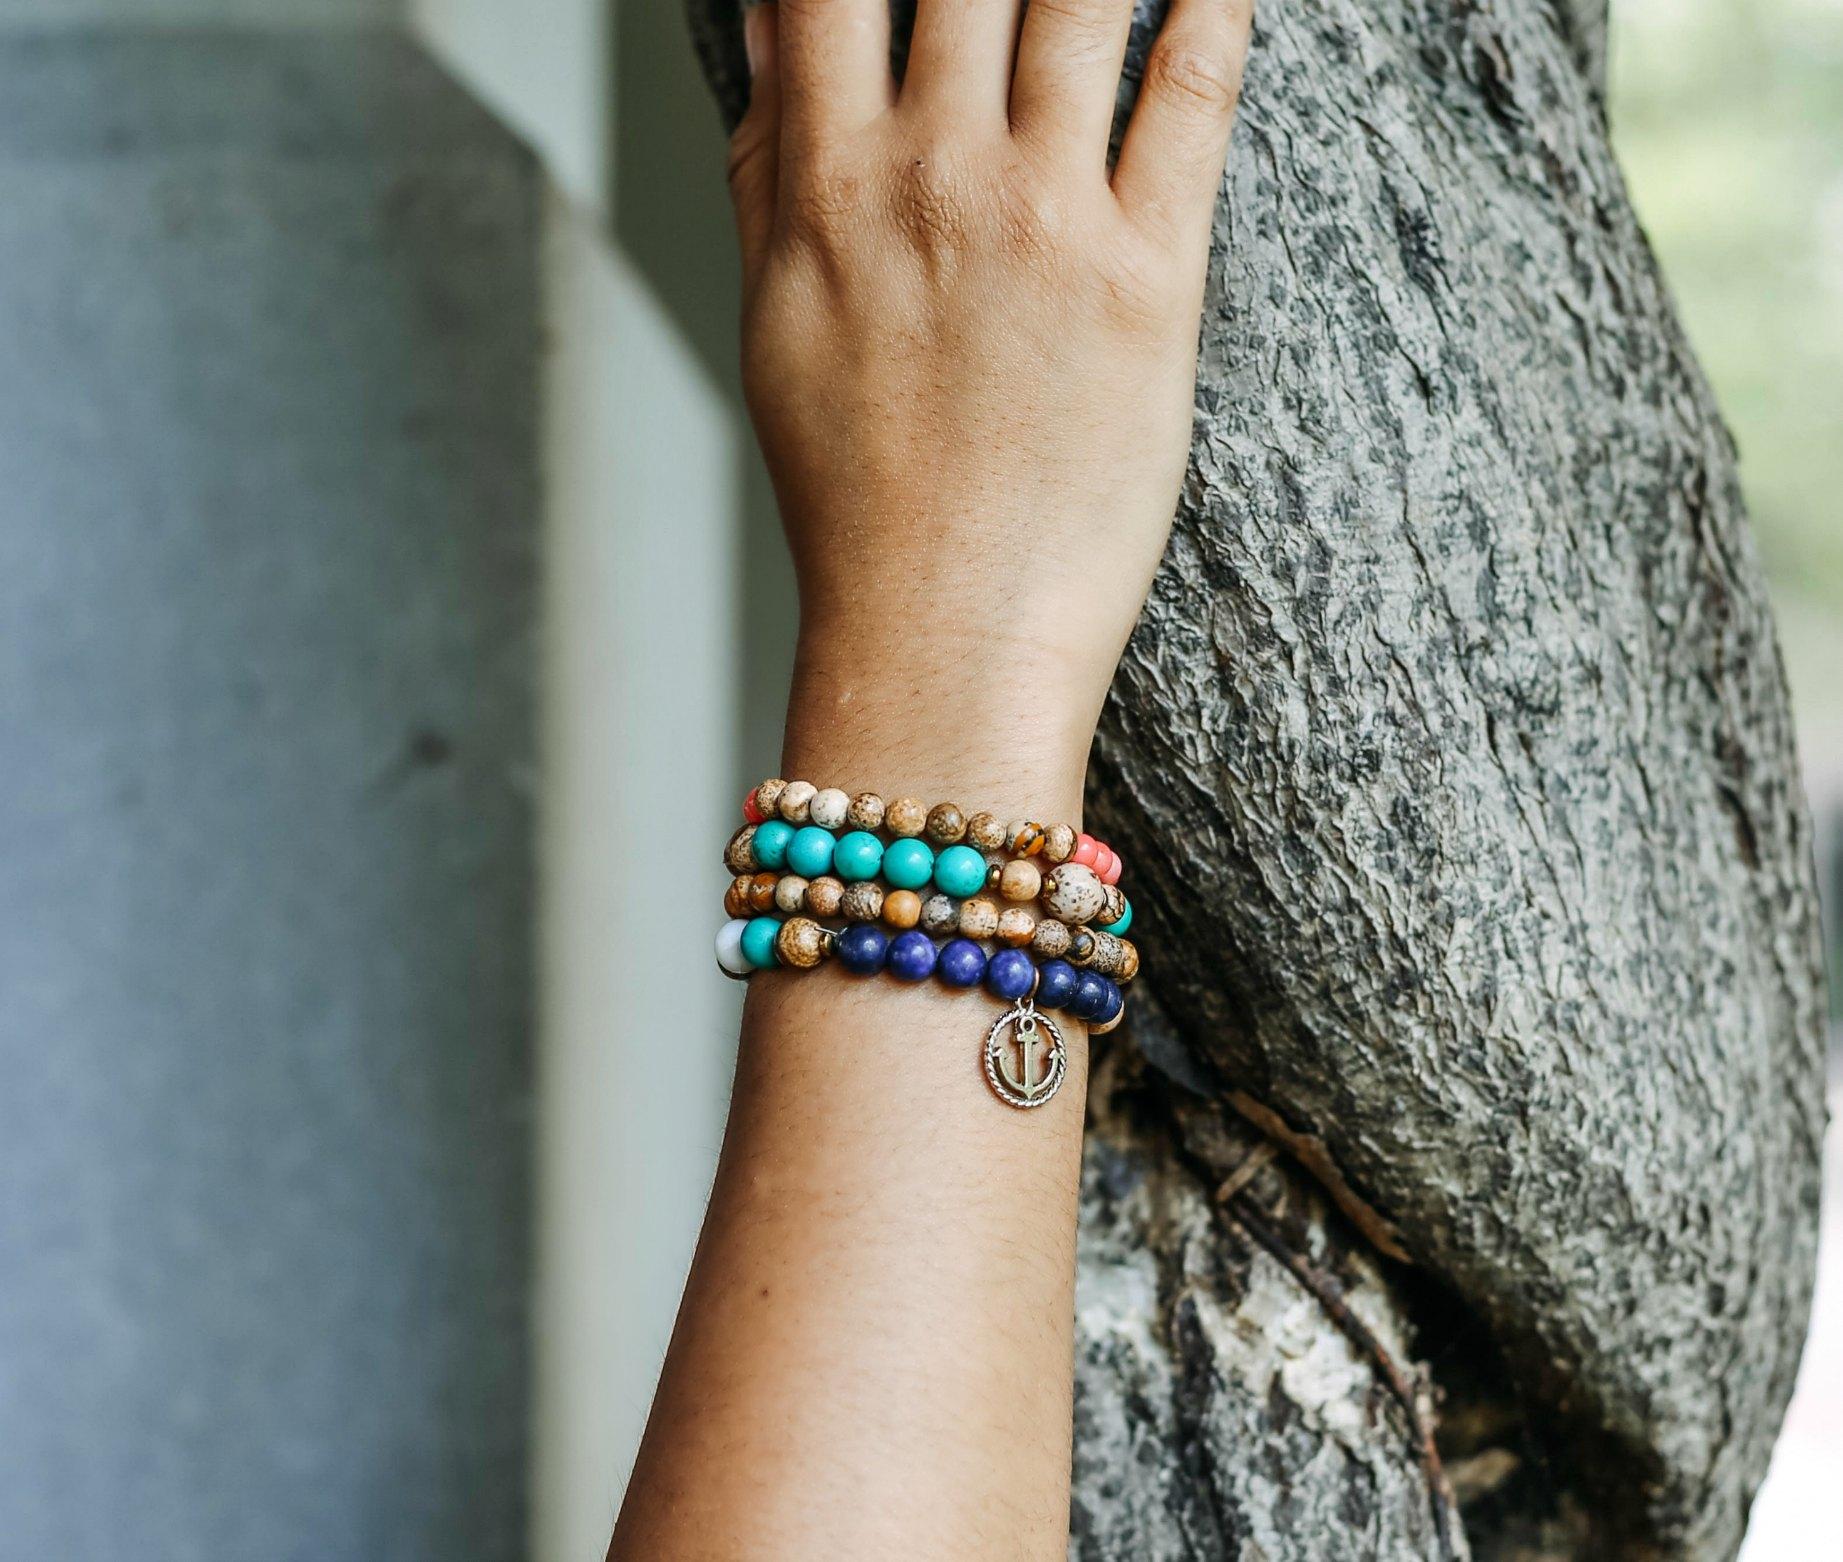 wearing make beads bracelet